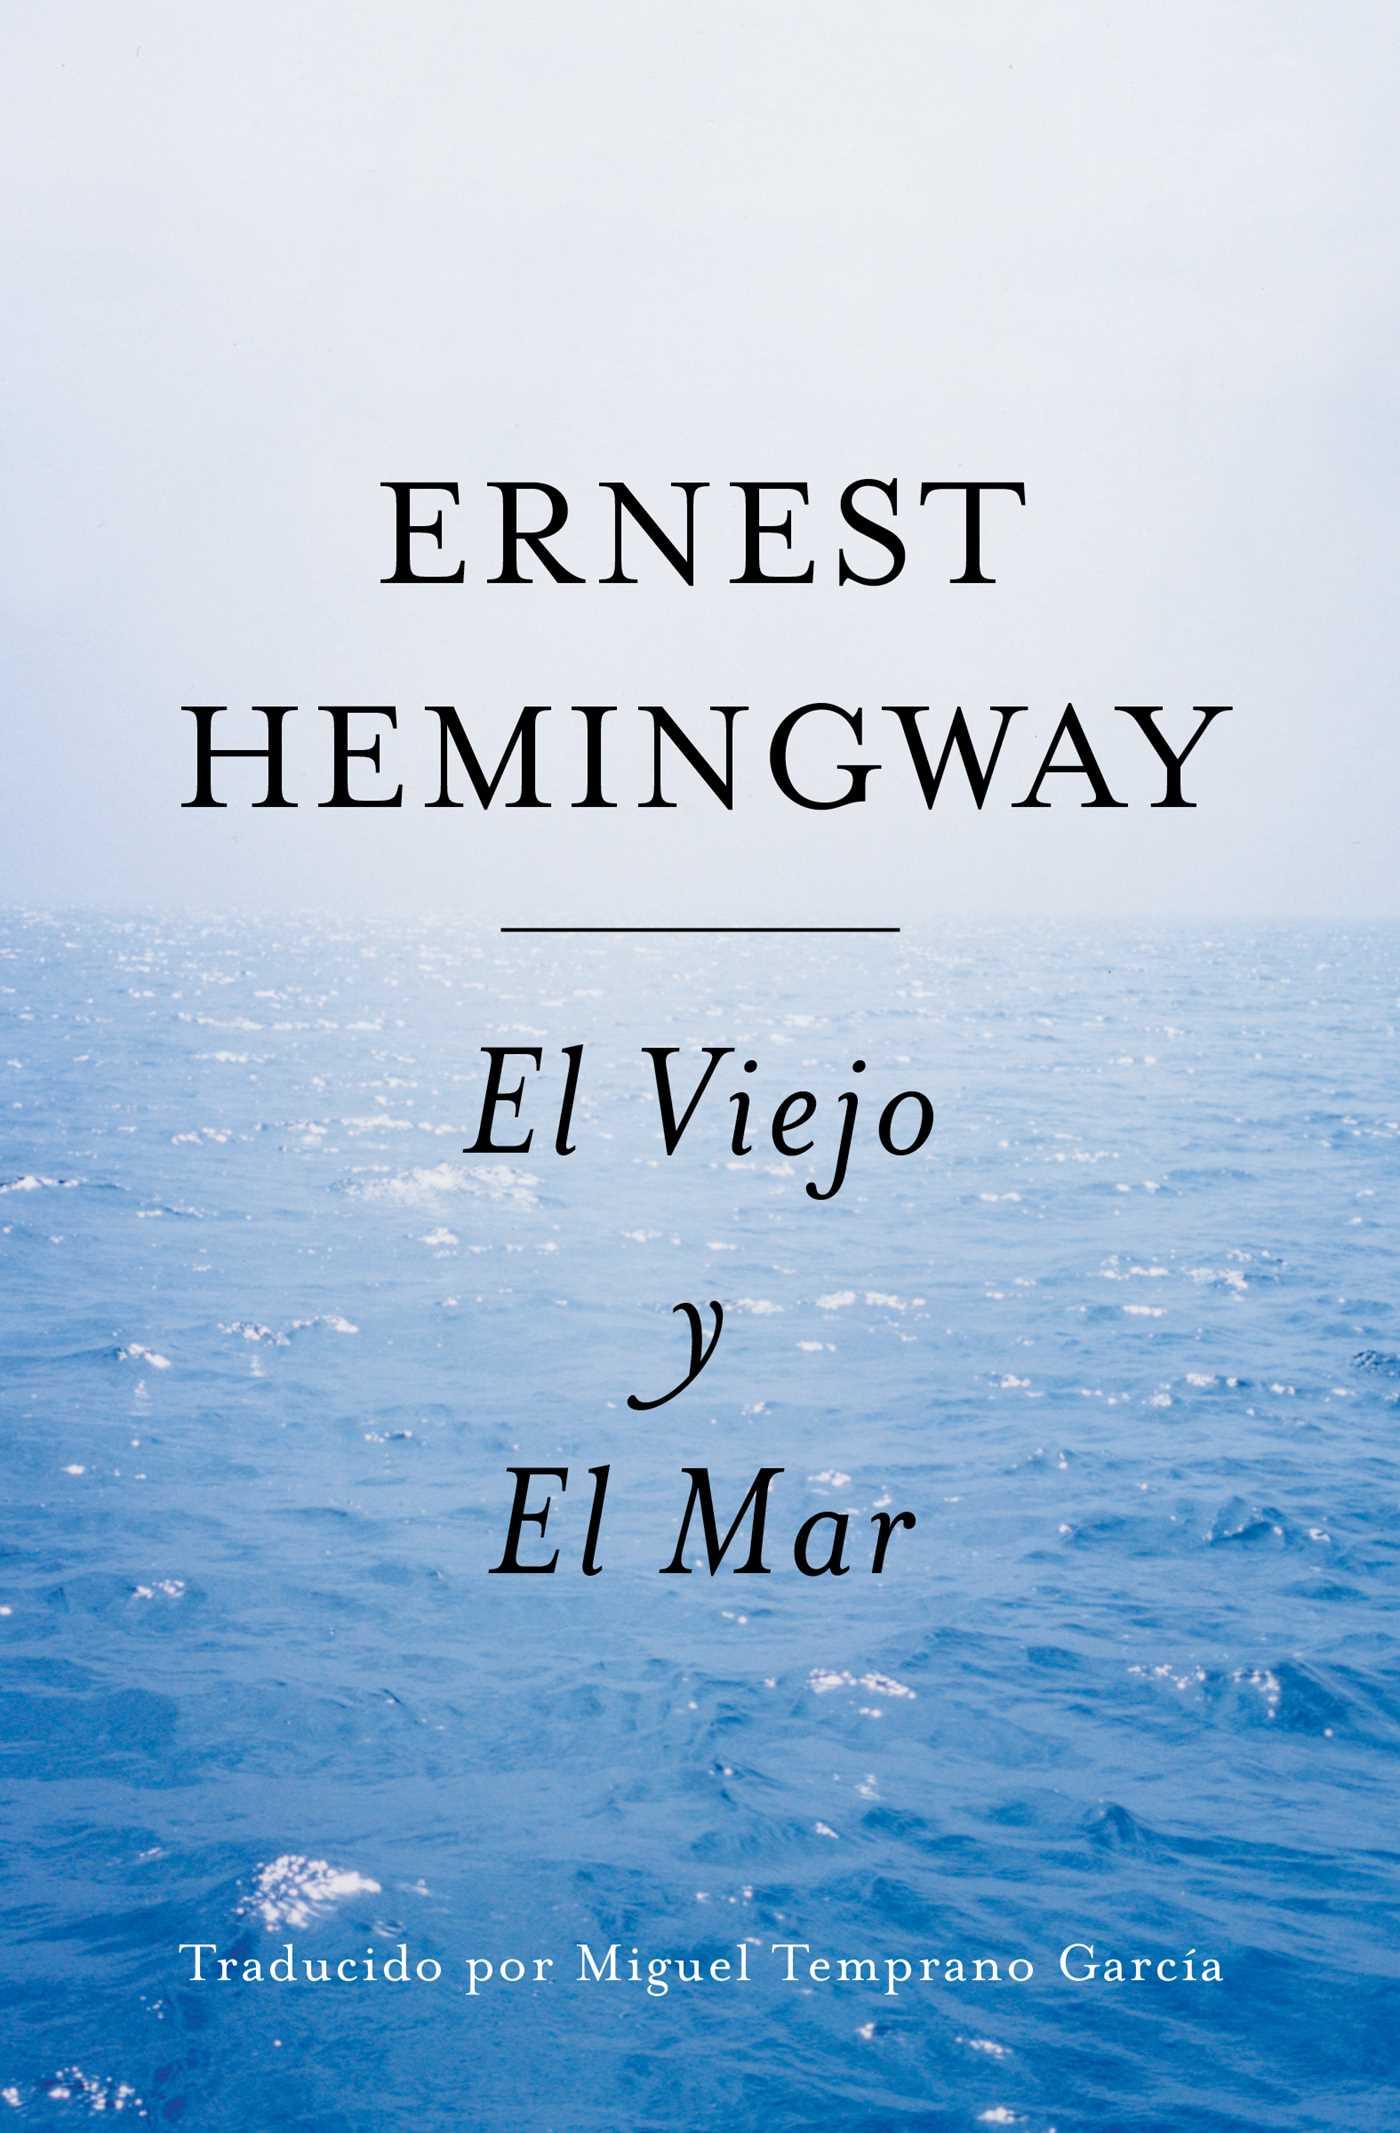 El viejo y el mar spanish edition 9781982104948 hr